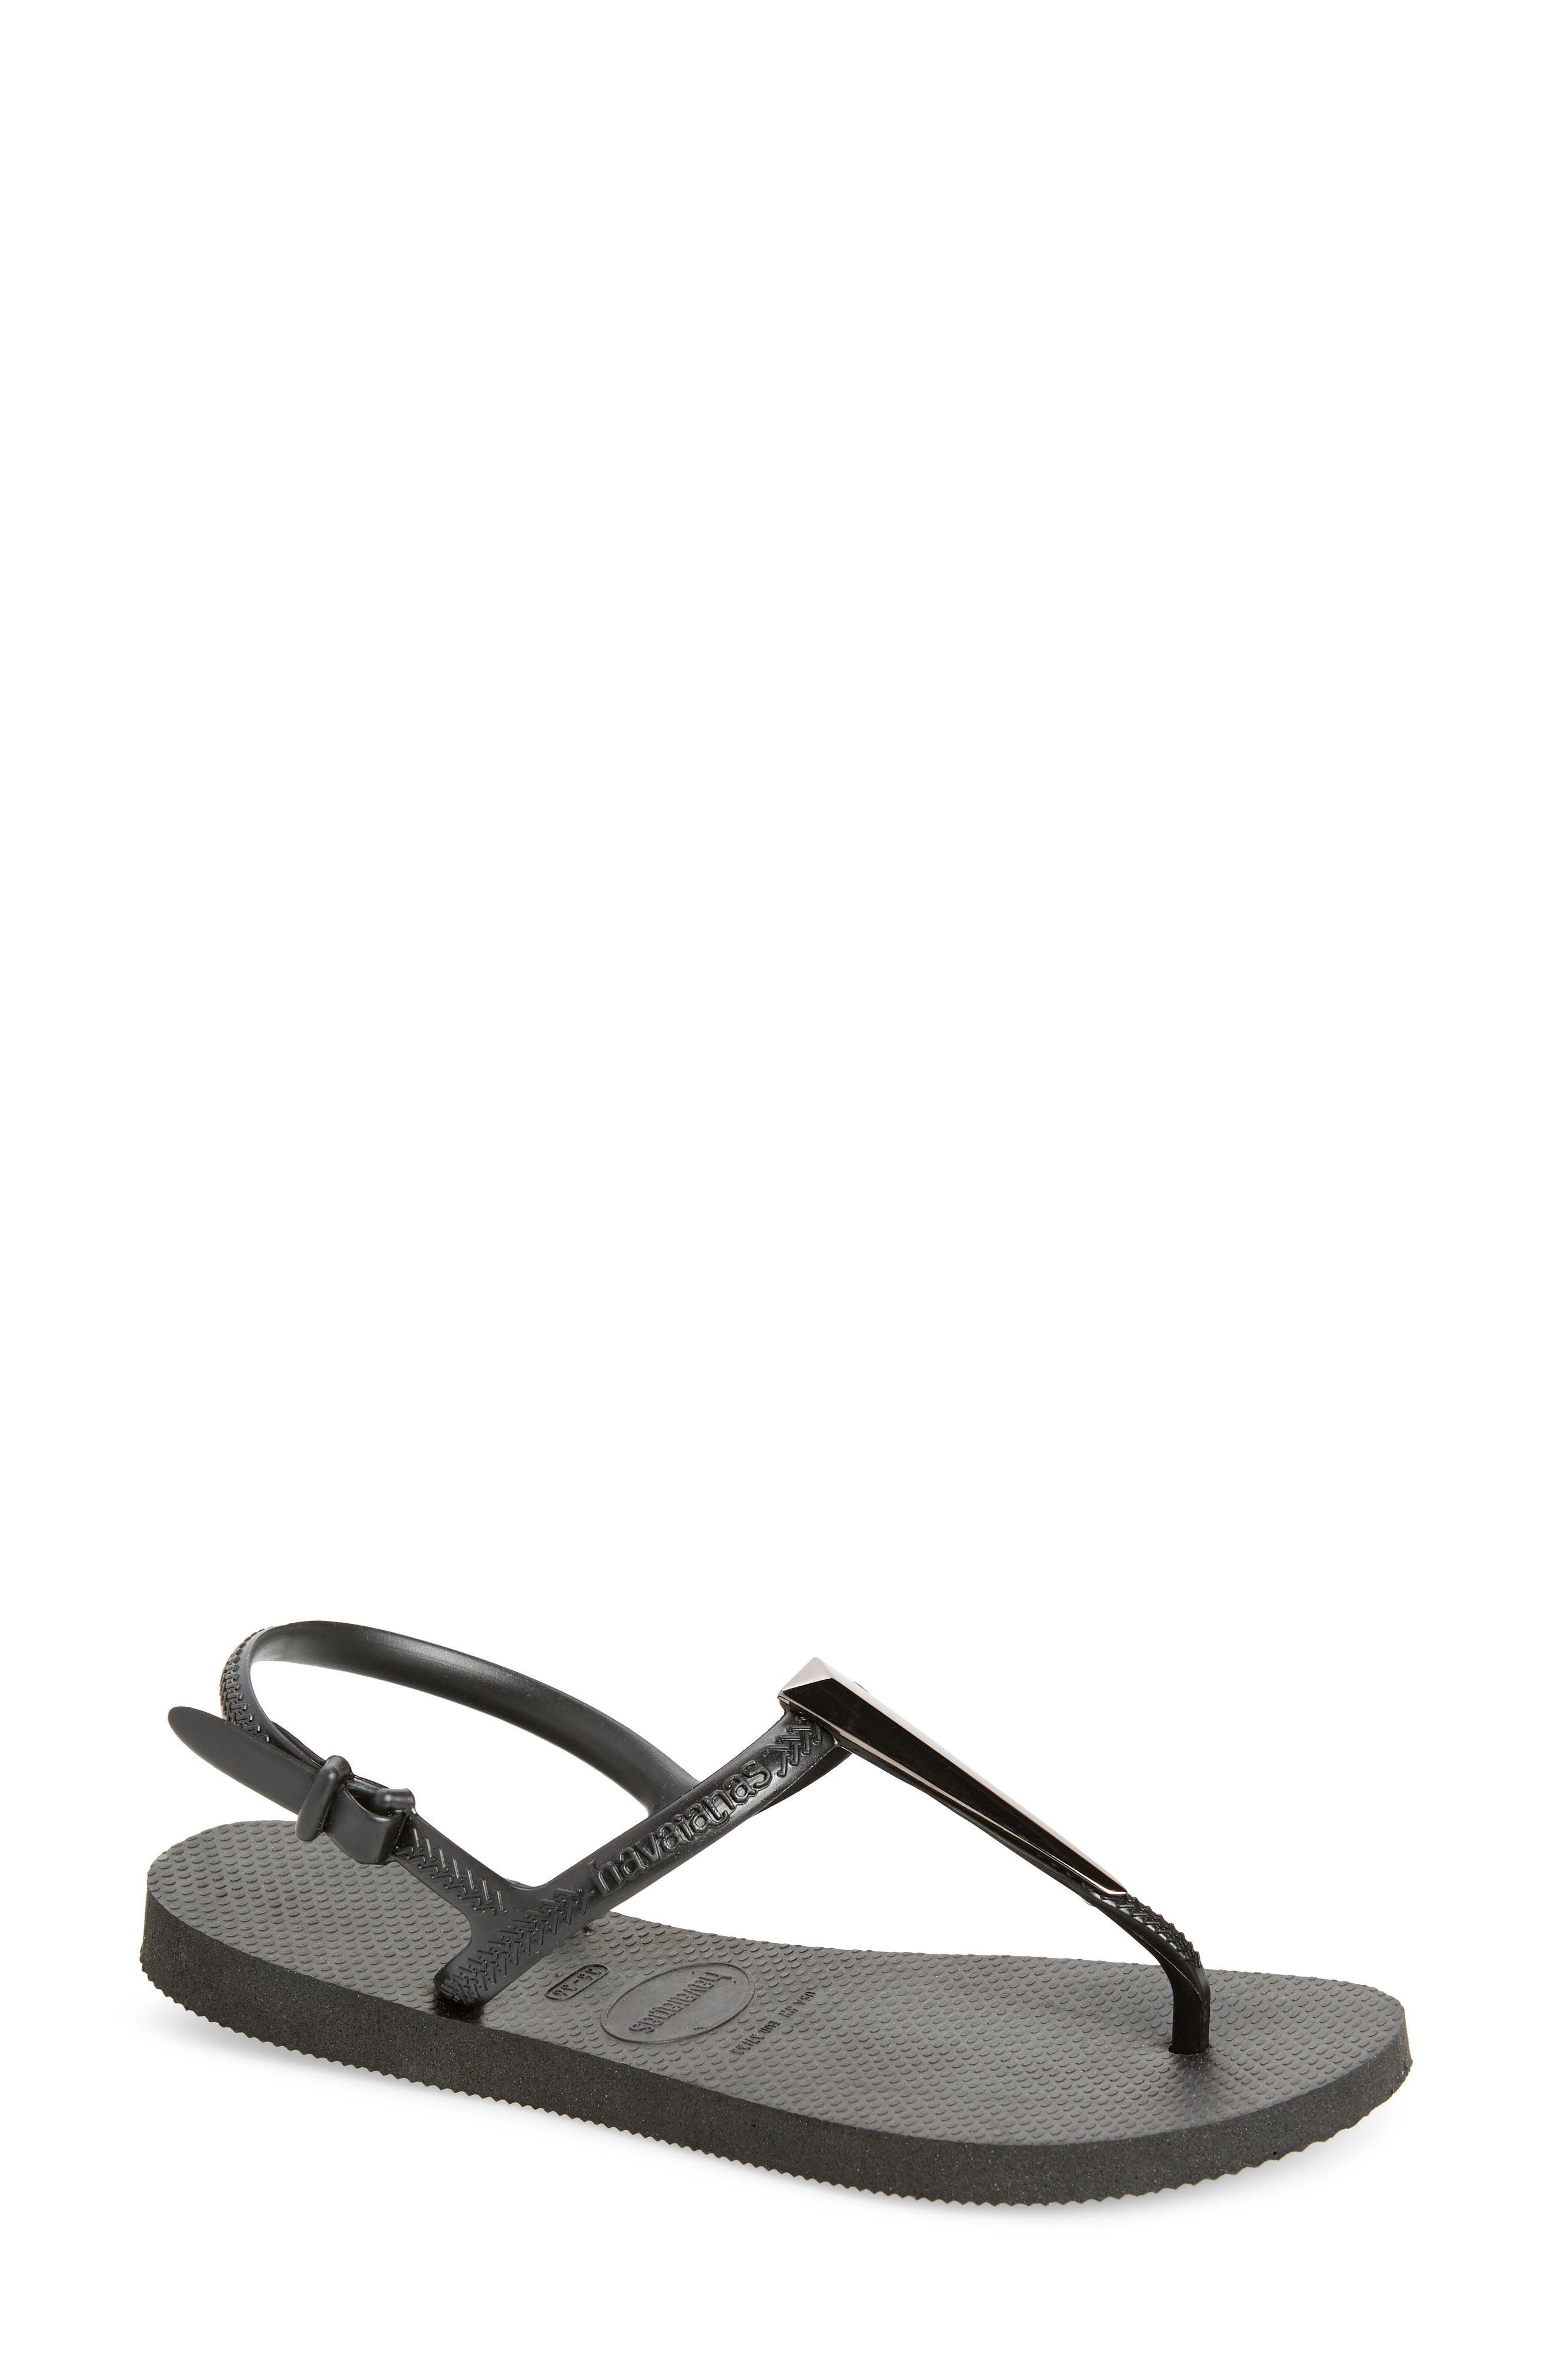 Freedom SL Maxi Sandal,                         Main,                         color,